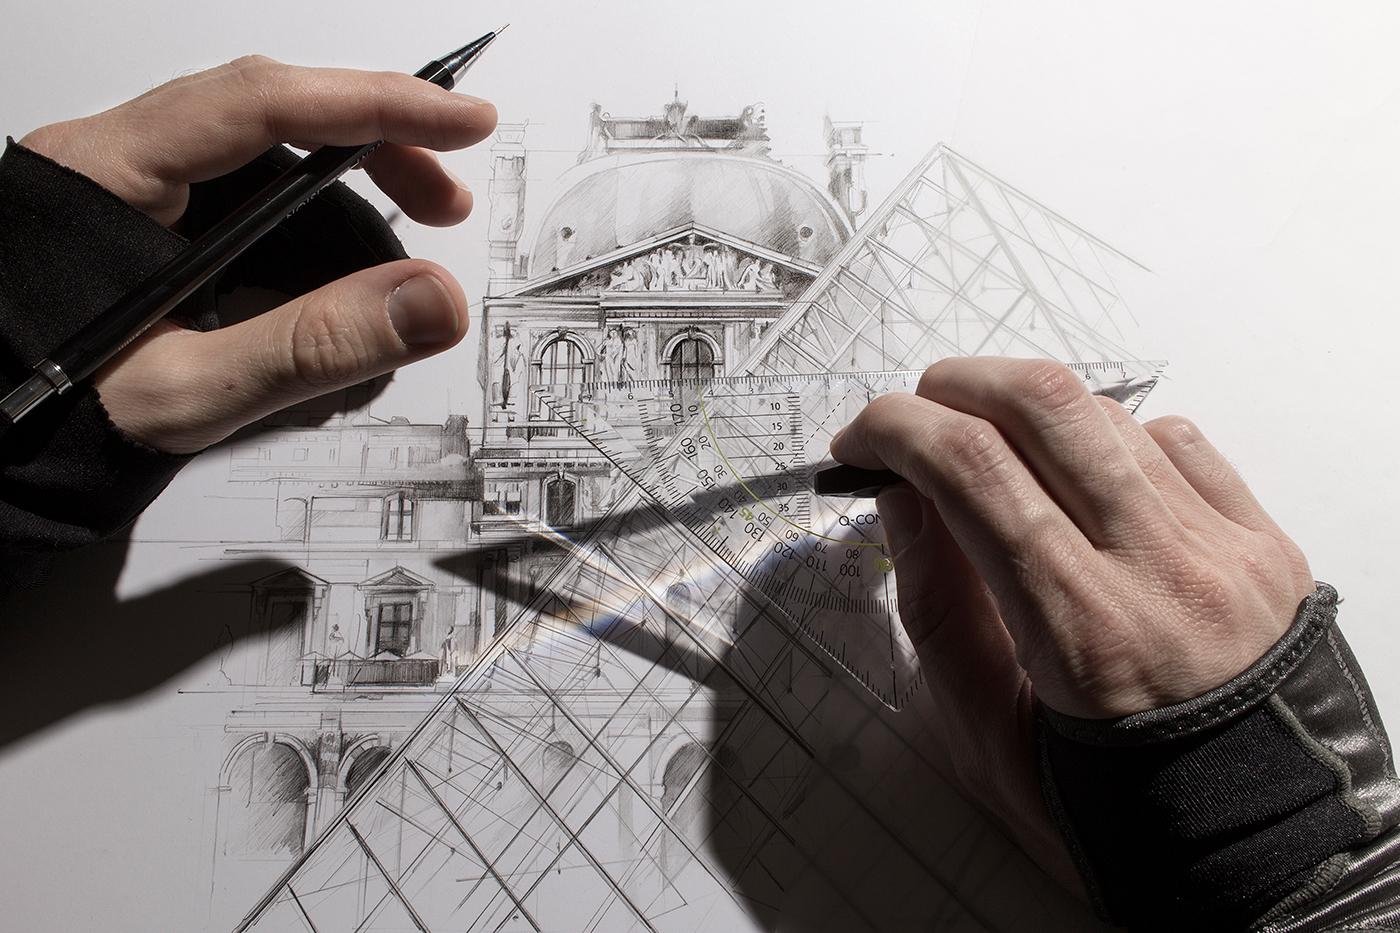 Февраля открытки, картинки для архитектора